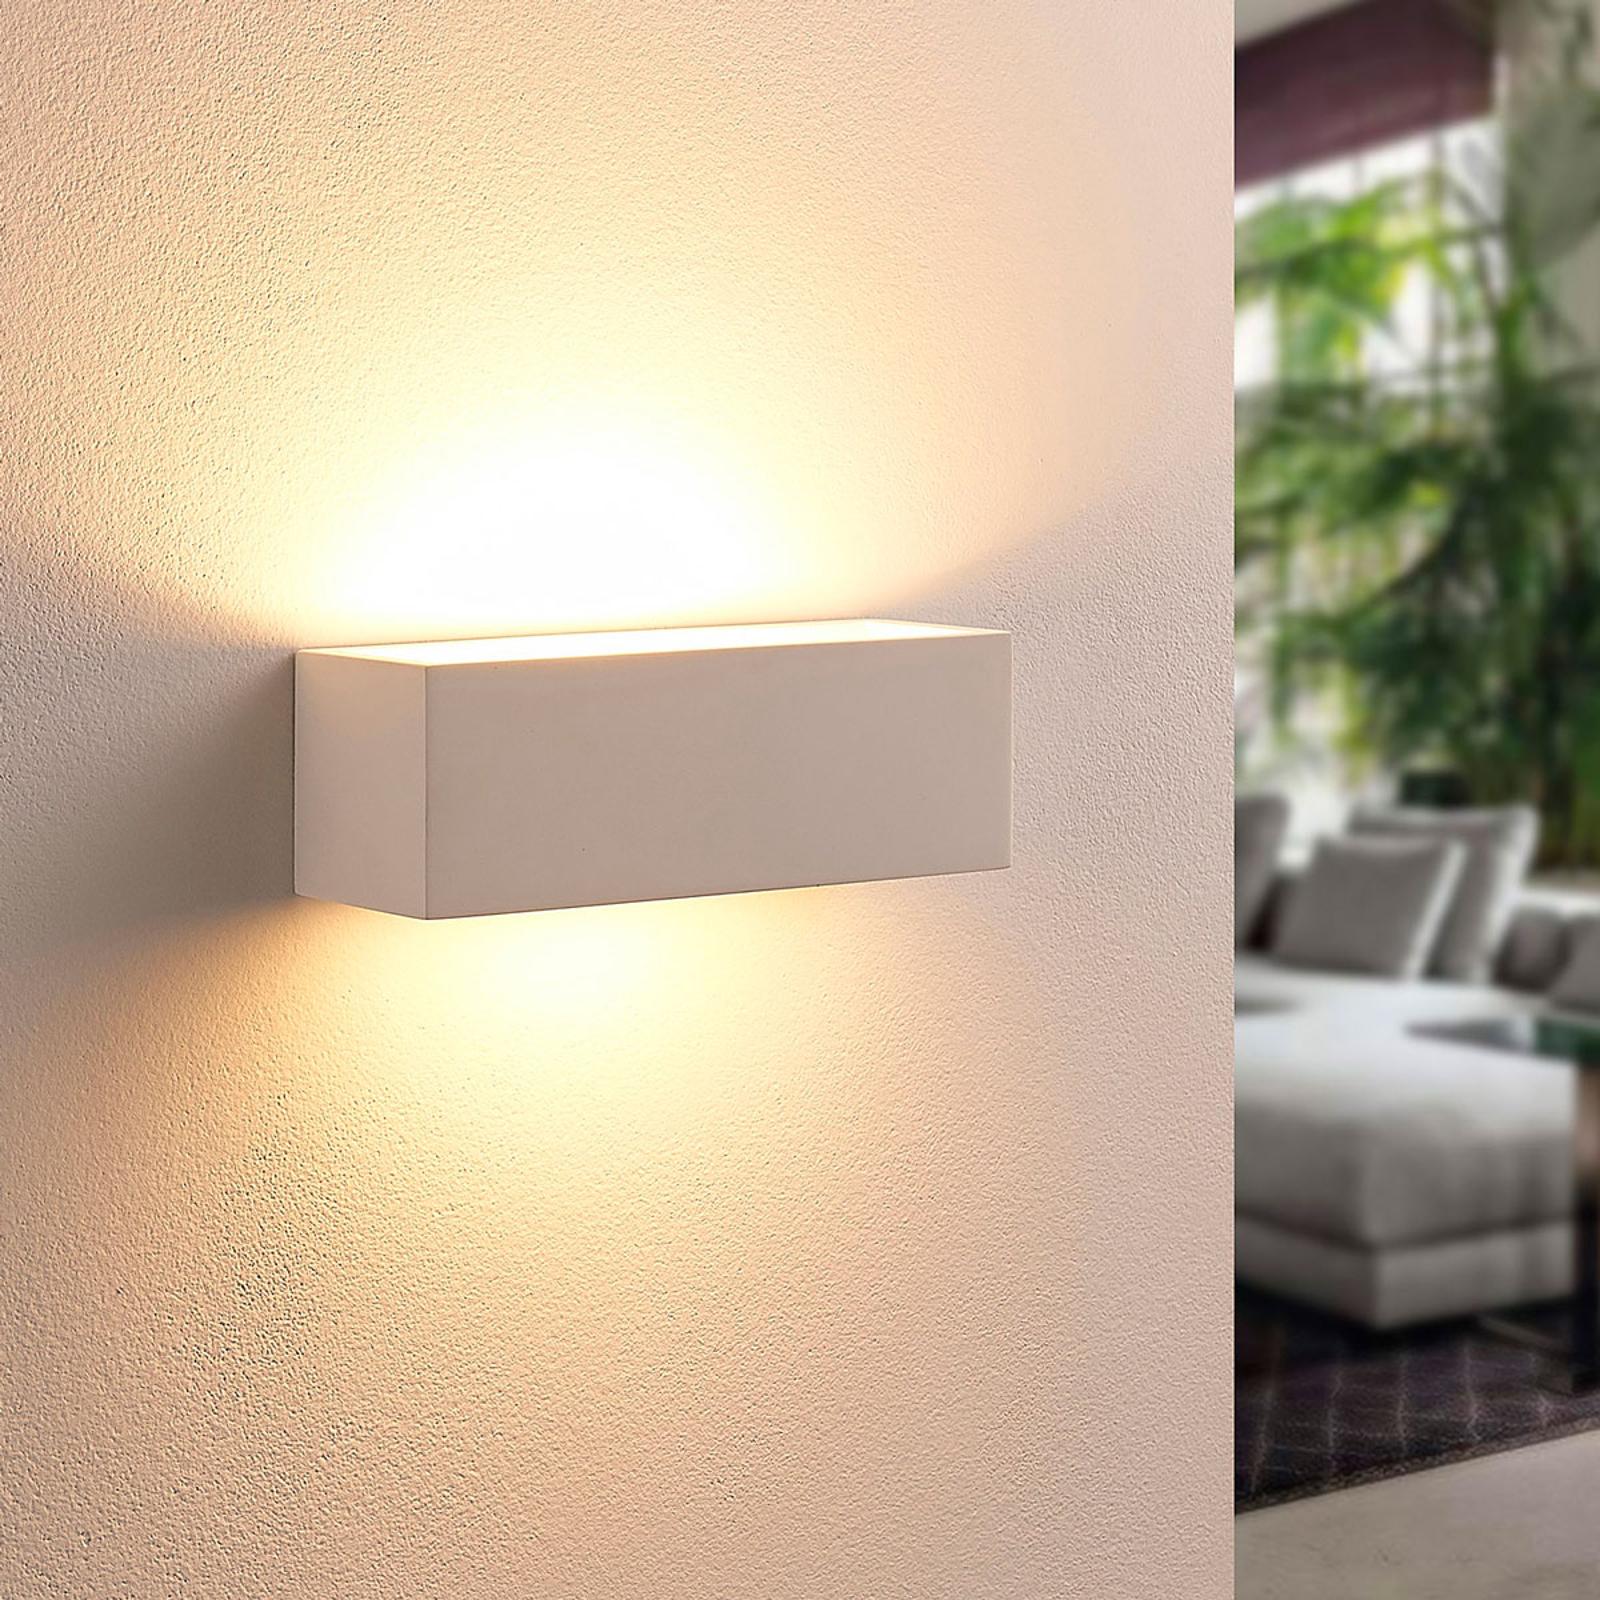 Kantig LED-vägglampa Tjada av gips